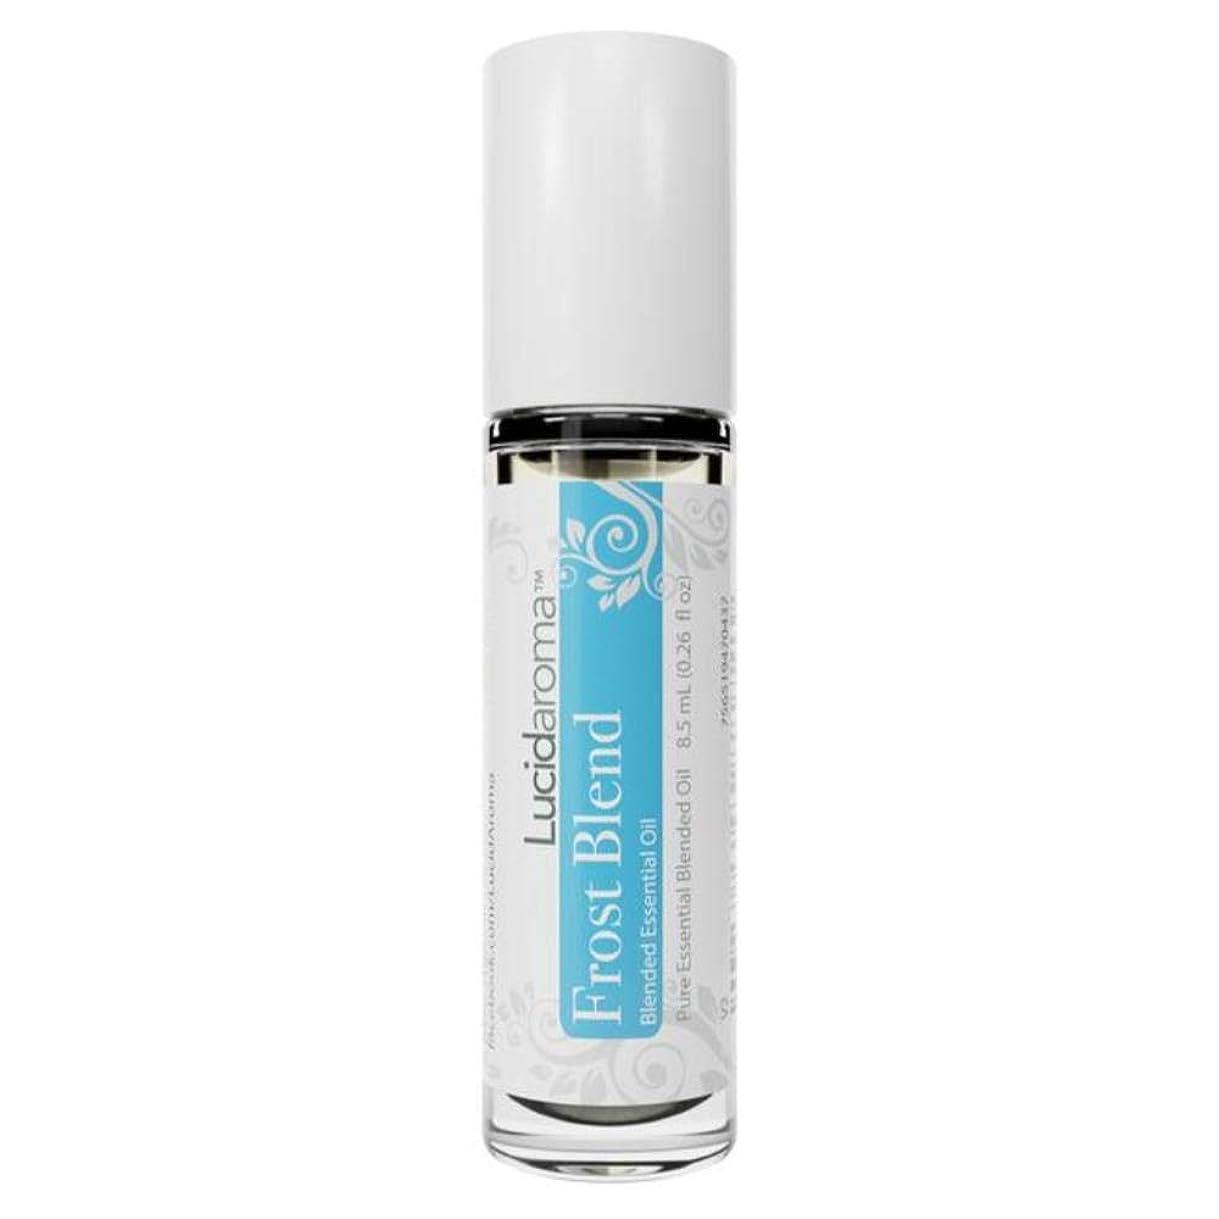 支払いマチュピチュ生産的Lucid Aroma Frost Blend フロスト ブレンド ロールオン アロマオイル 8.5mL (塗るアロマ) 100%天然 携帯便利 ピュア エッセンシャル アメリカ製